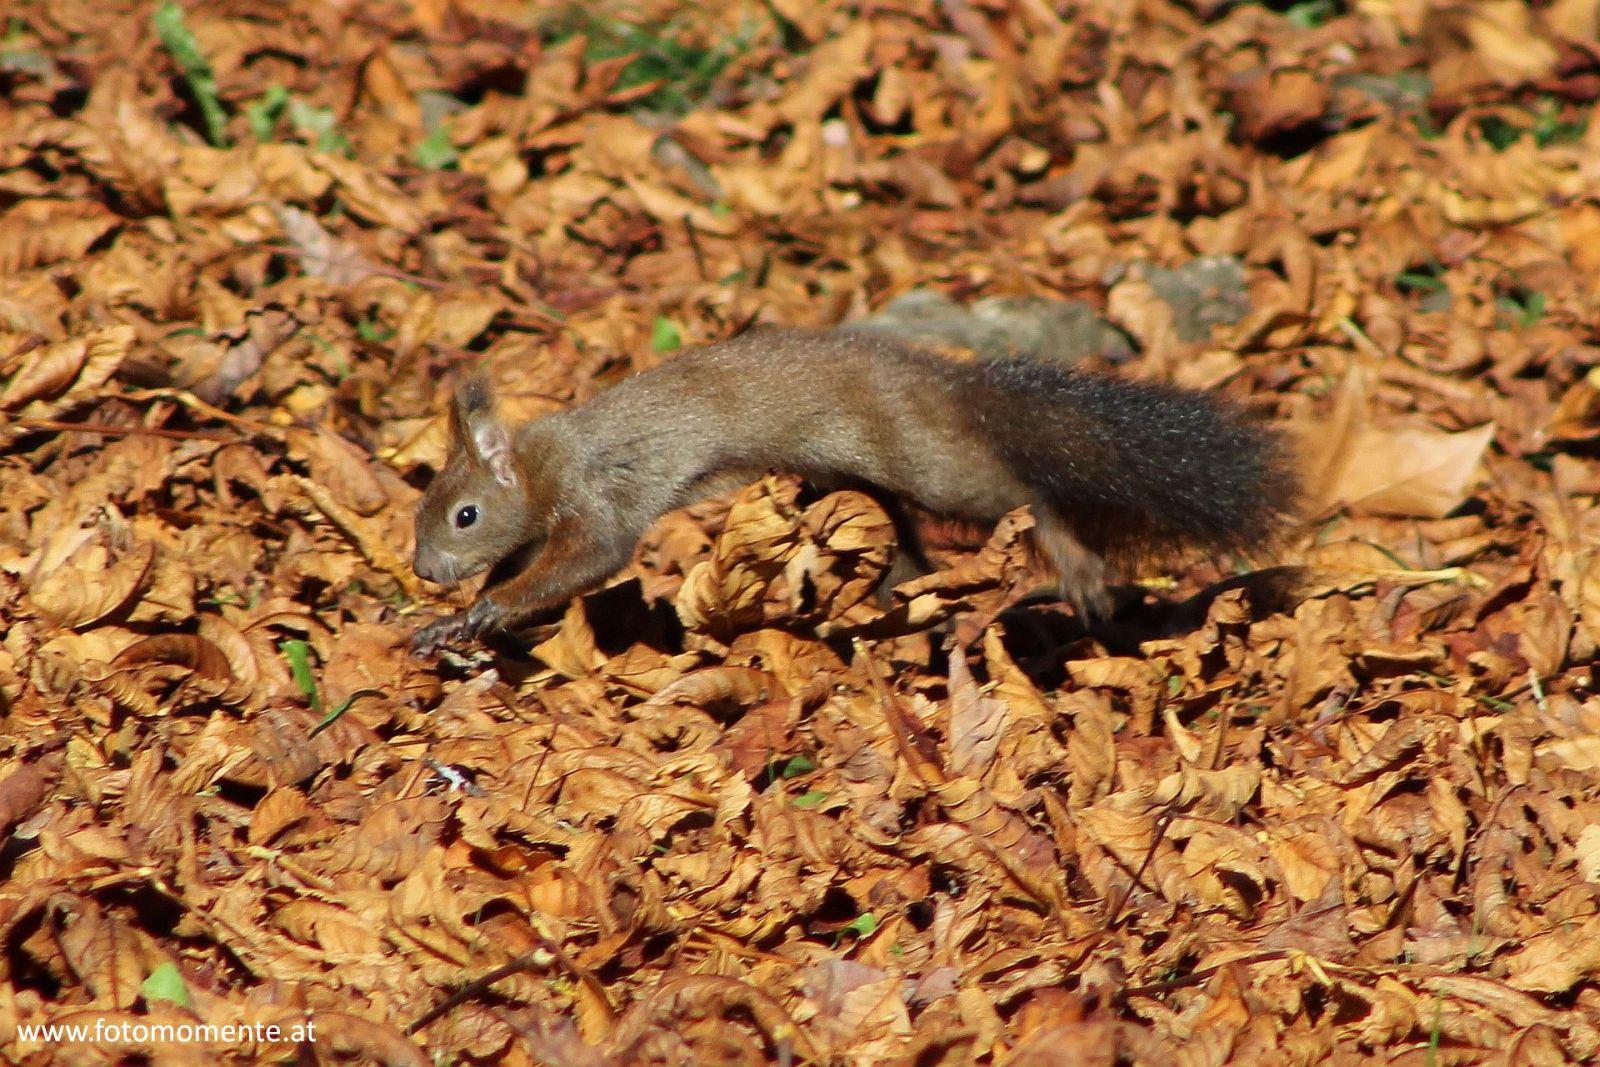 Eichhörnchen im Sprung am Laubboden